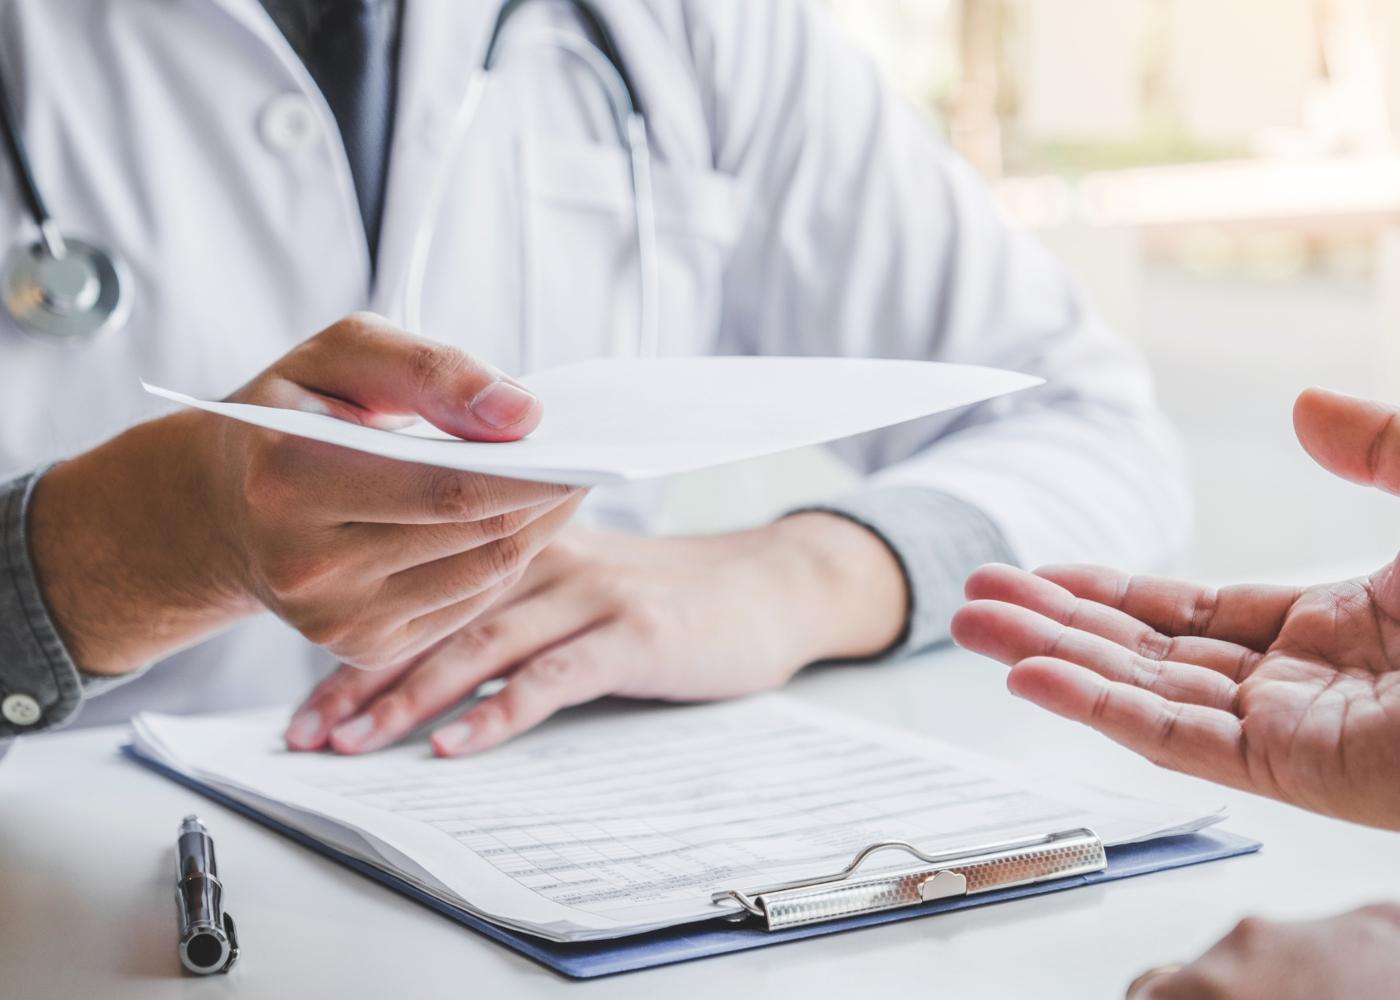 Médico a entregar receita a paciente